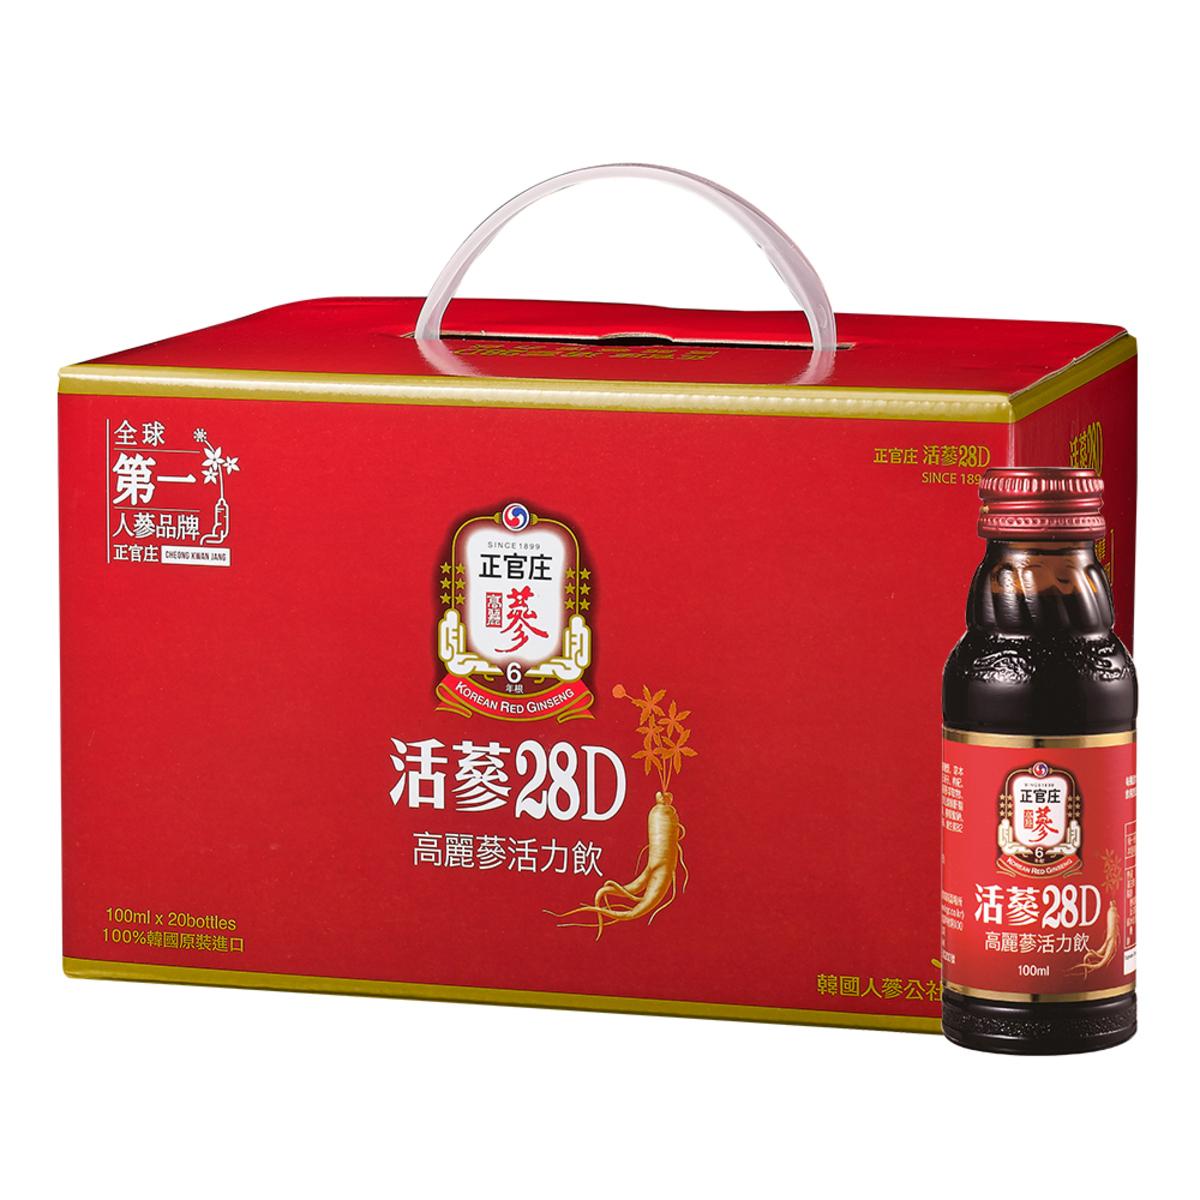 正官庄 28D高麗蔘活力飲 20 瓶 (100 毫升X 20瓶)